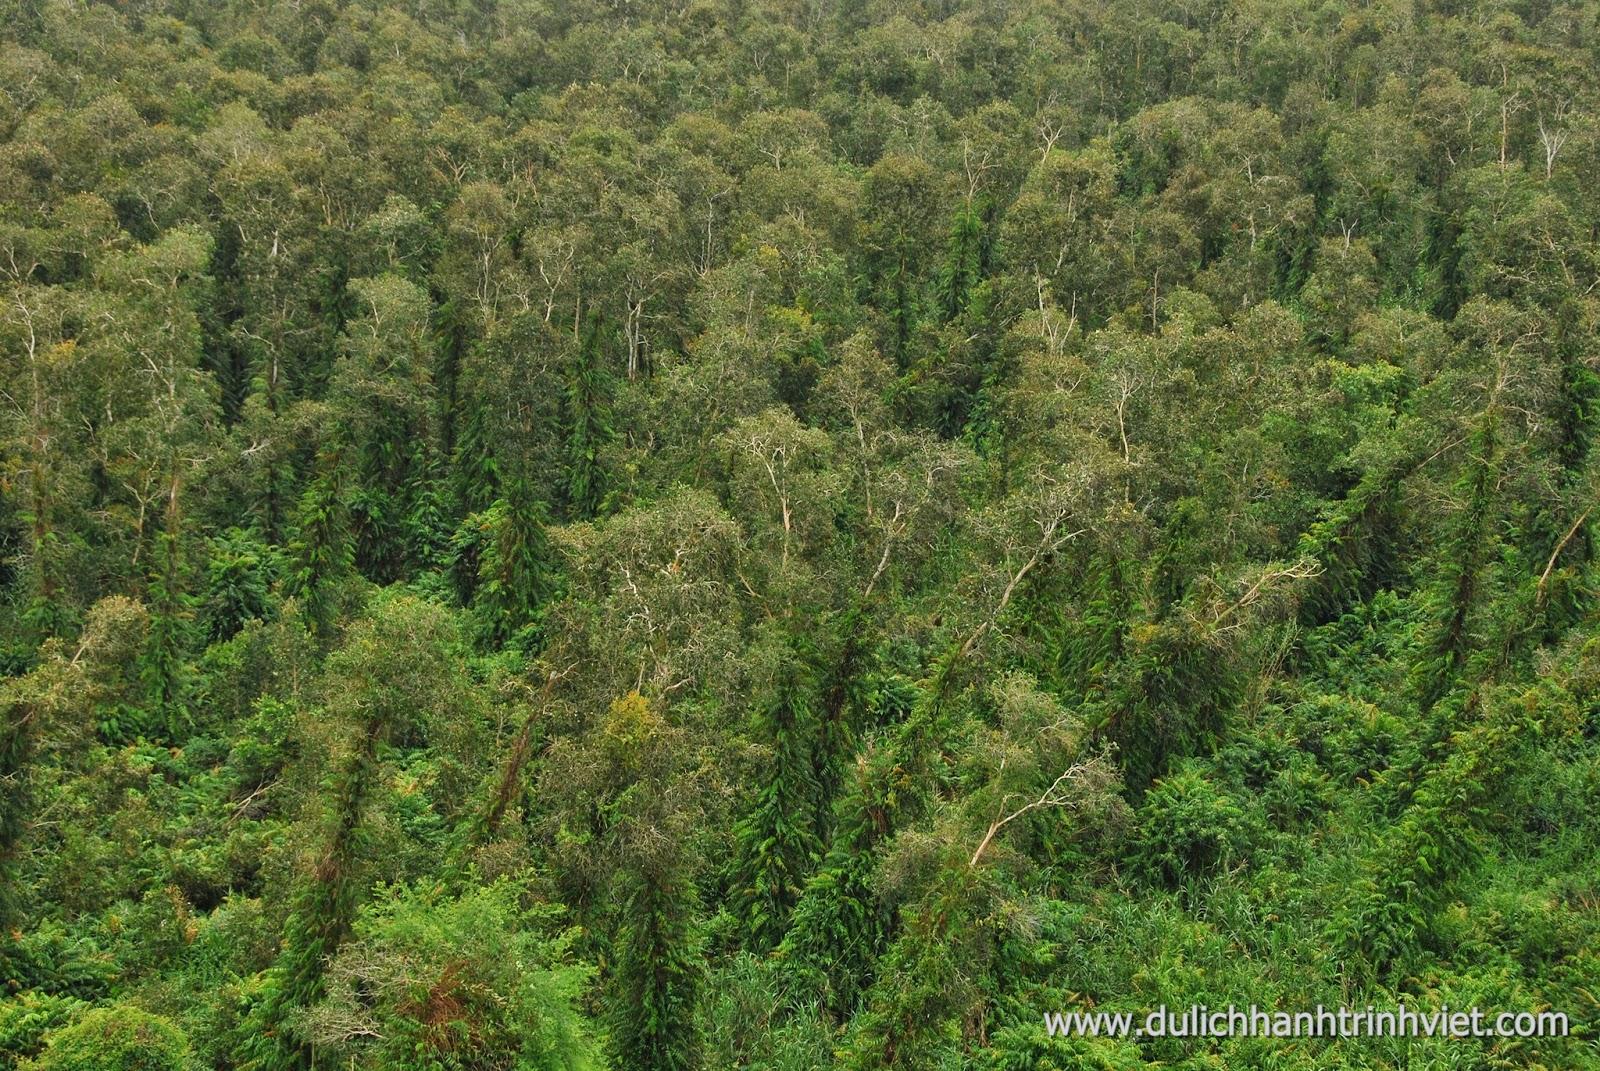 Tham quan Rừng quốc gia U Minh Hạ ở Cà Mau